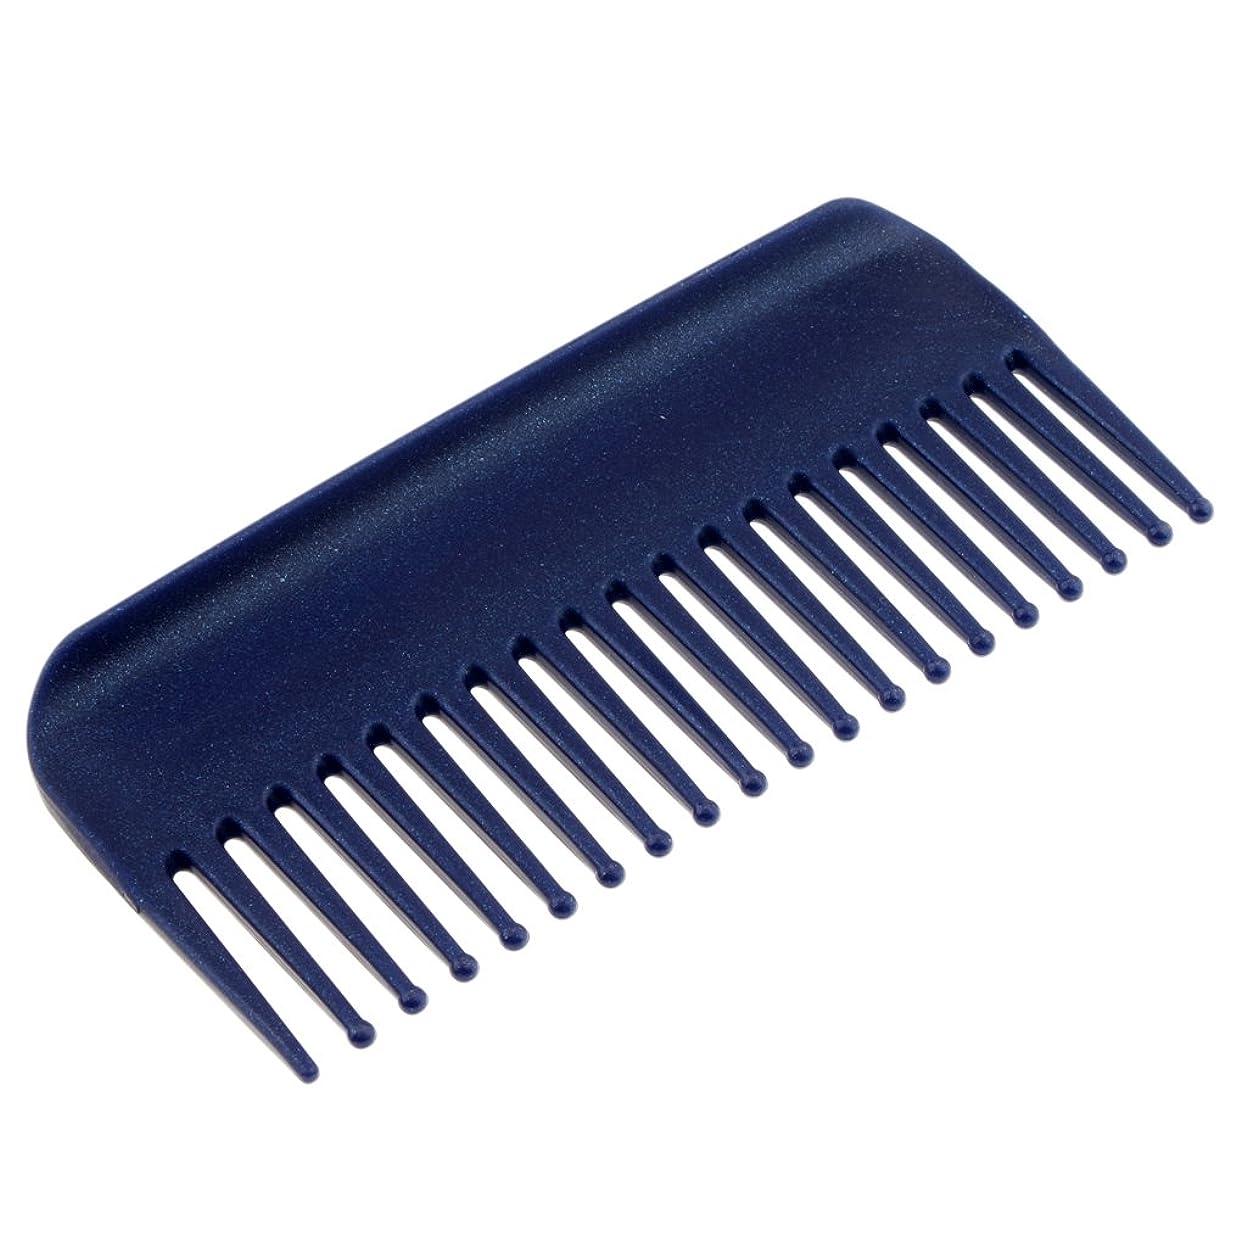 デコードする驚き雪Perfk ヘアブラシ ヘアコーム コーム 櫛 くし 頭皮 マッサージ 耐熱性 帯電防止 高品質 4色選べる - 青